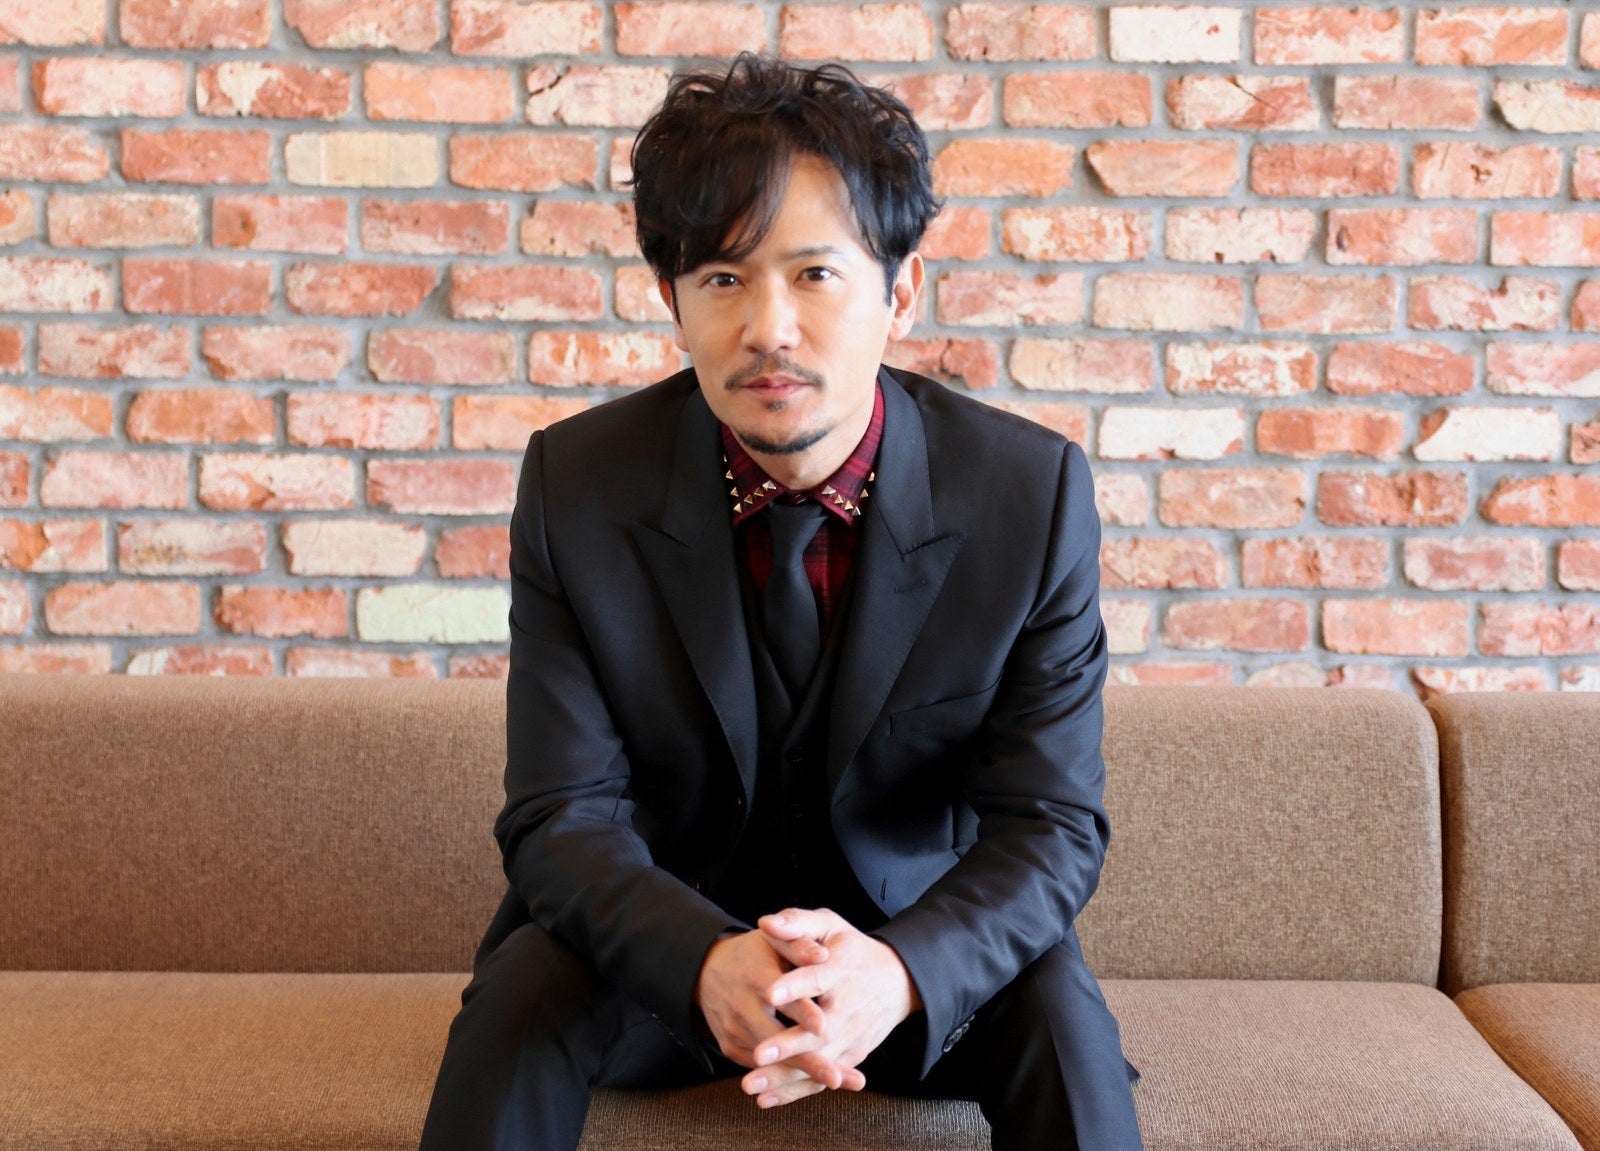 チェックのシャツの稲垣吾郎